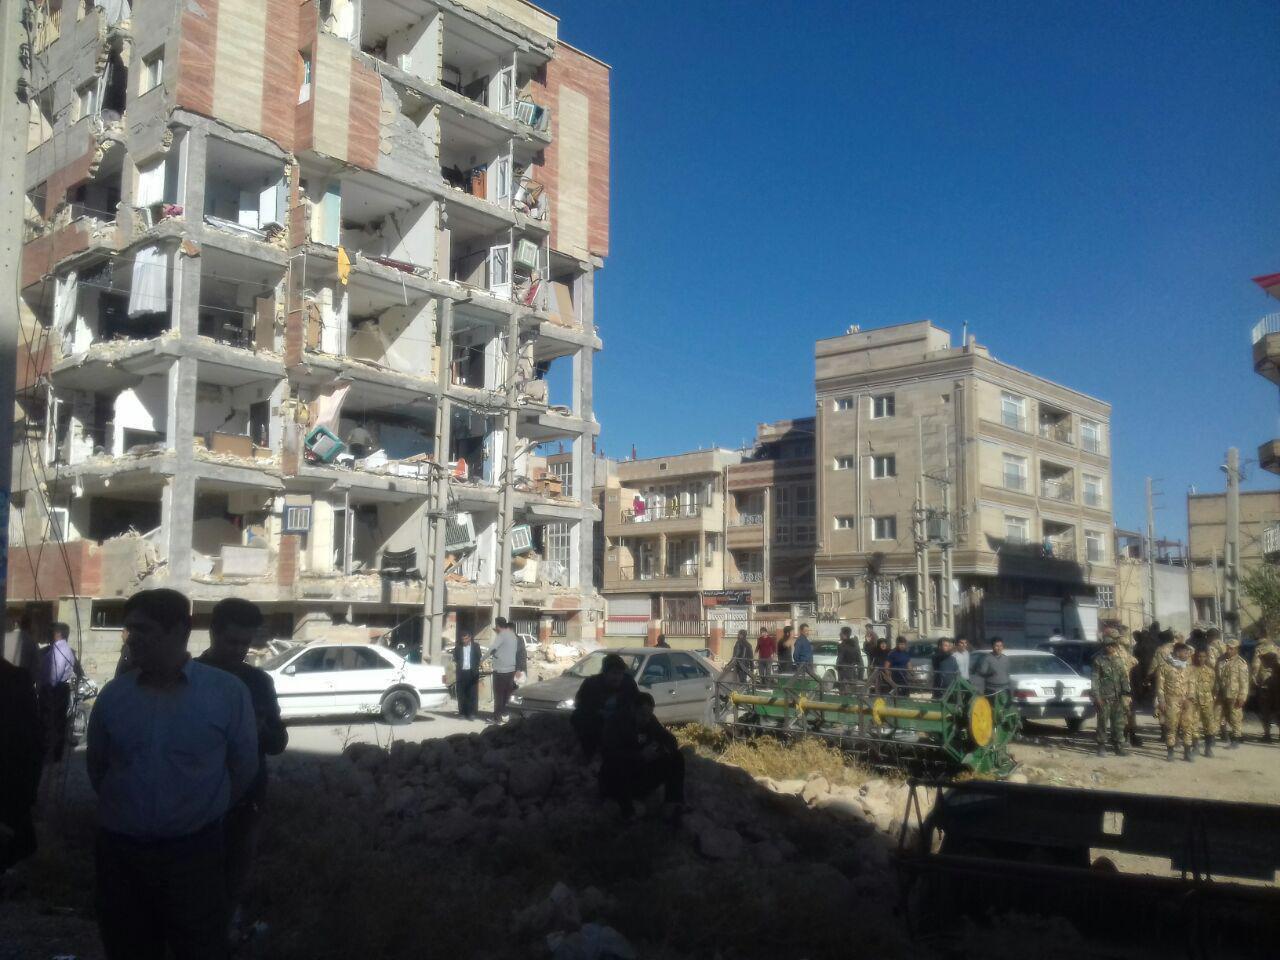 چرا زلزله کرمانشاه حدود 500 نفر کشته داد؟/مسکن مهر چگونه جان ها را گرفت